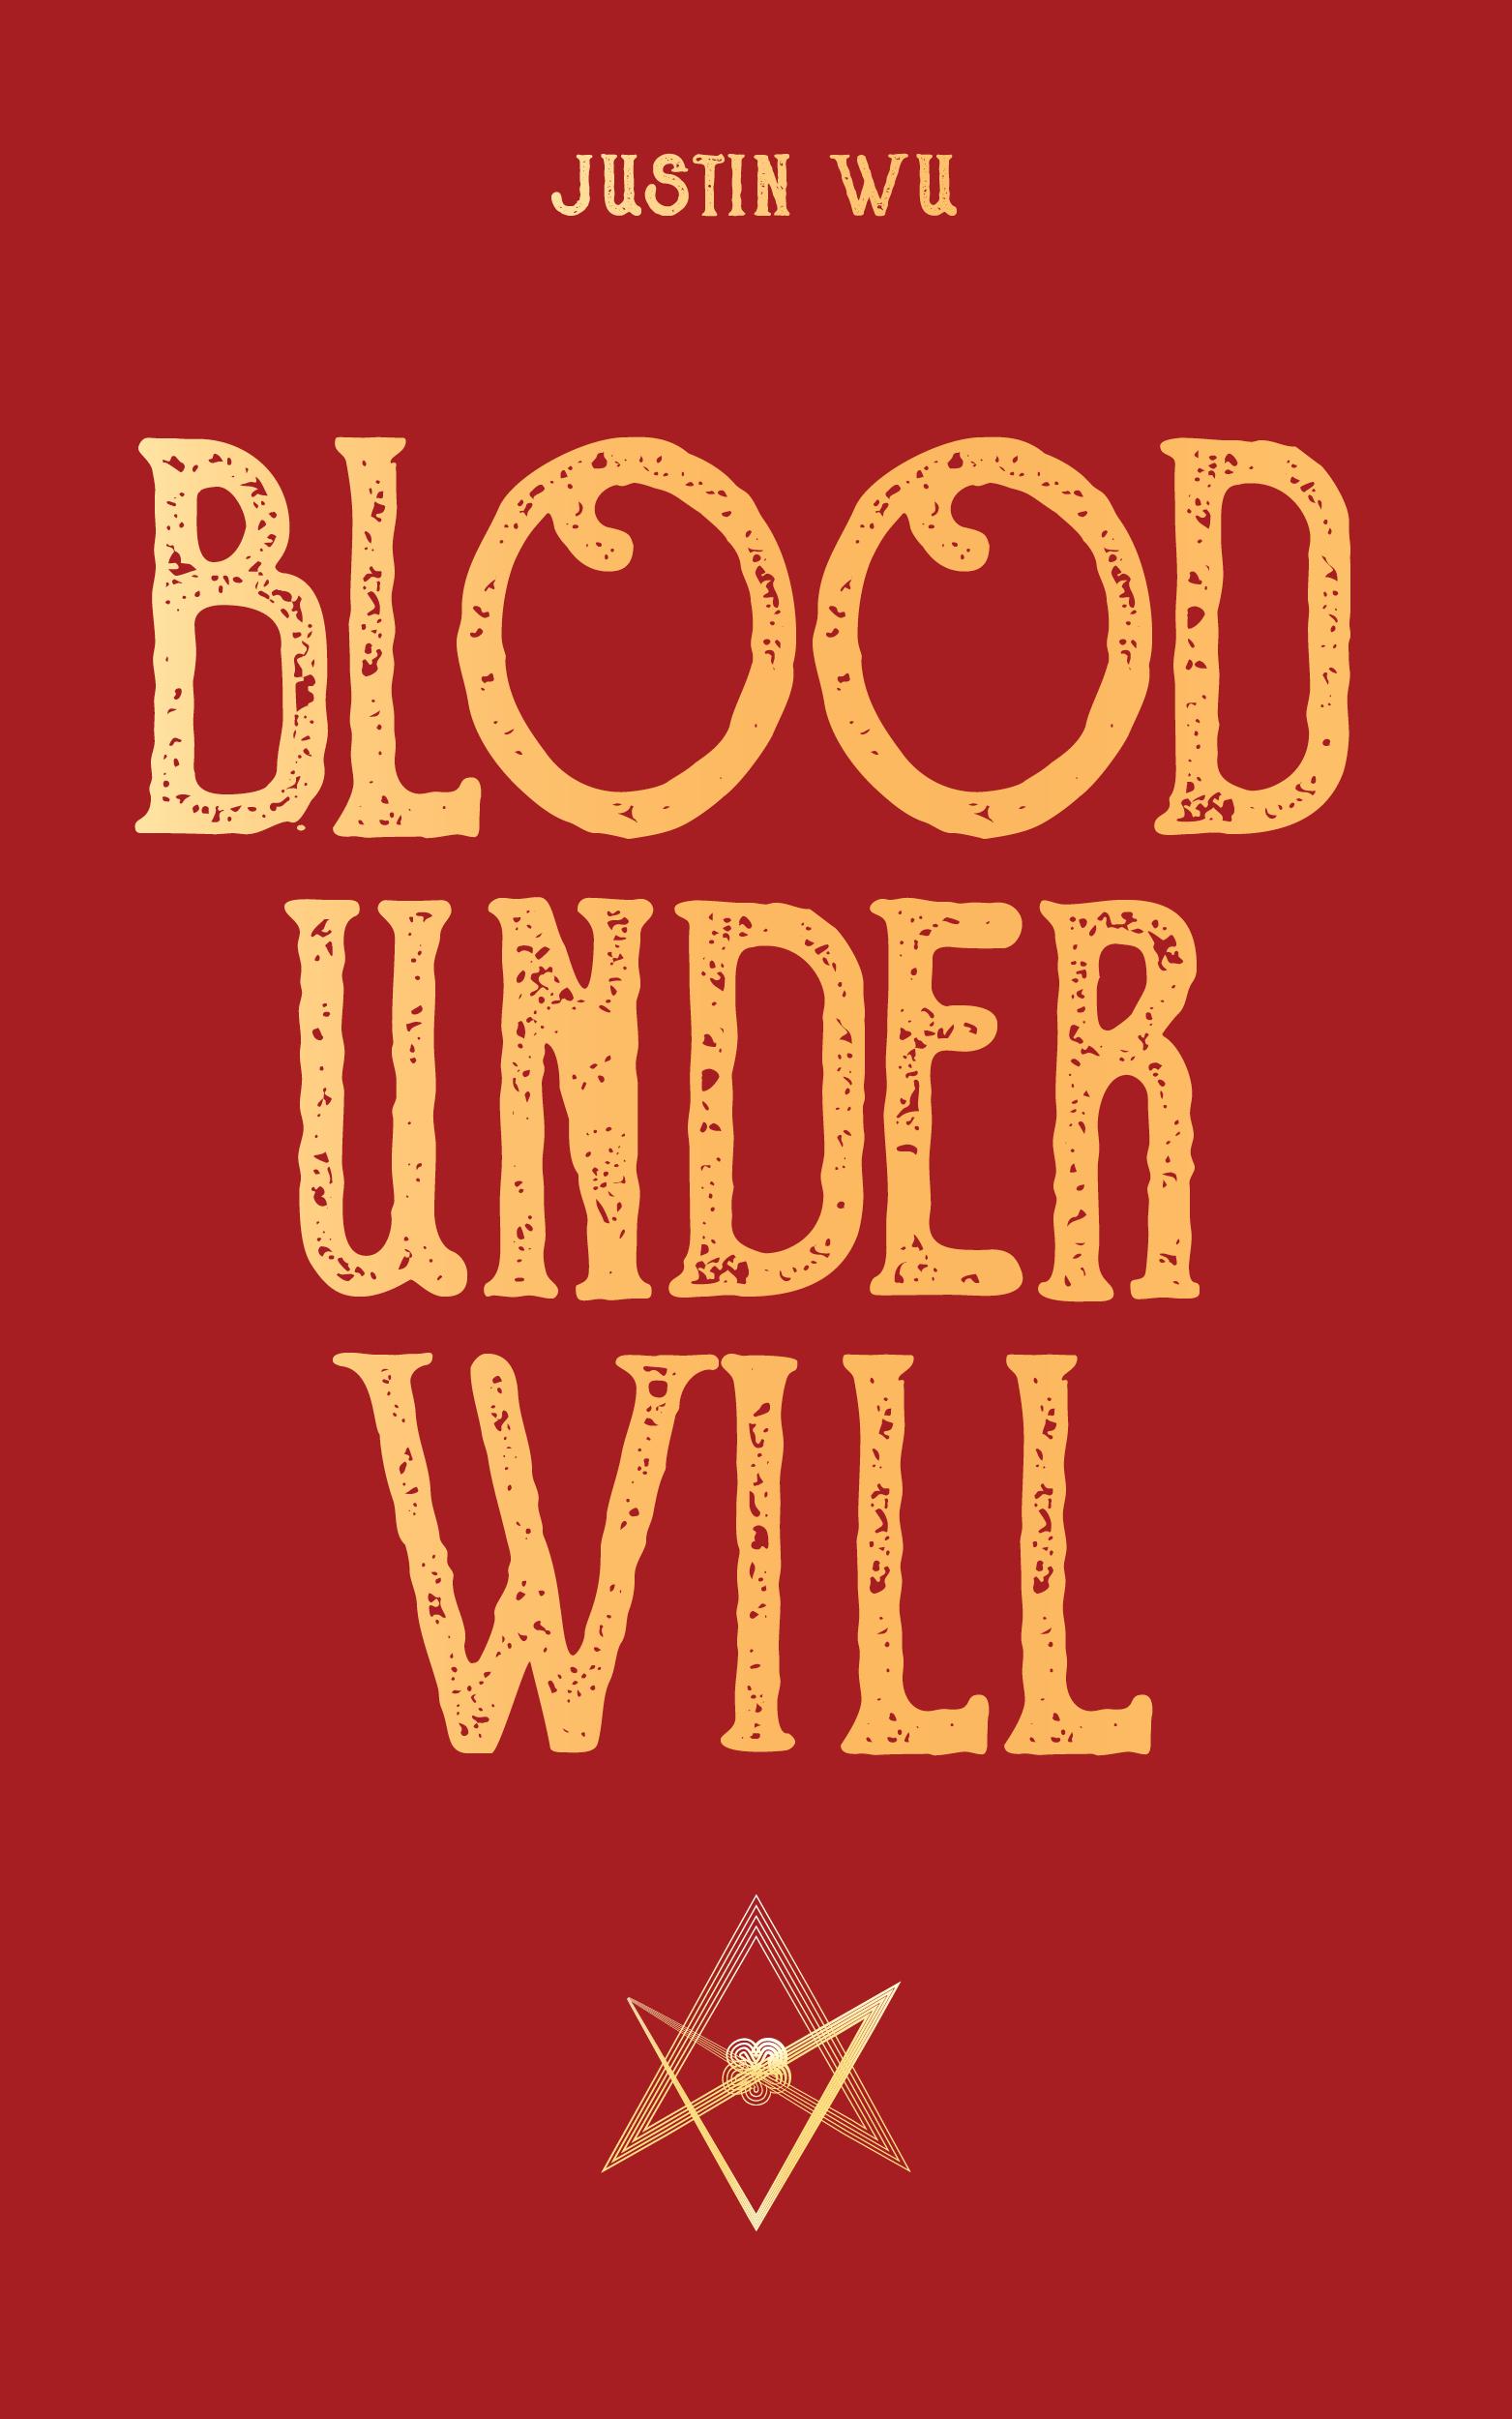 Blood under will